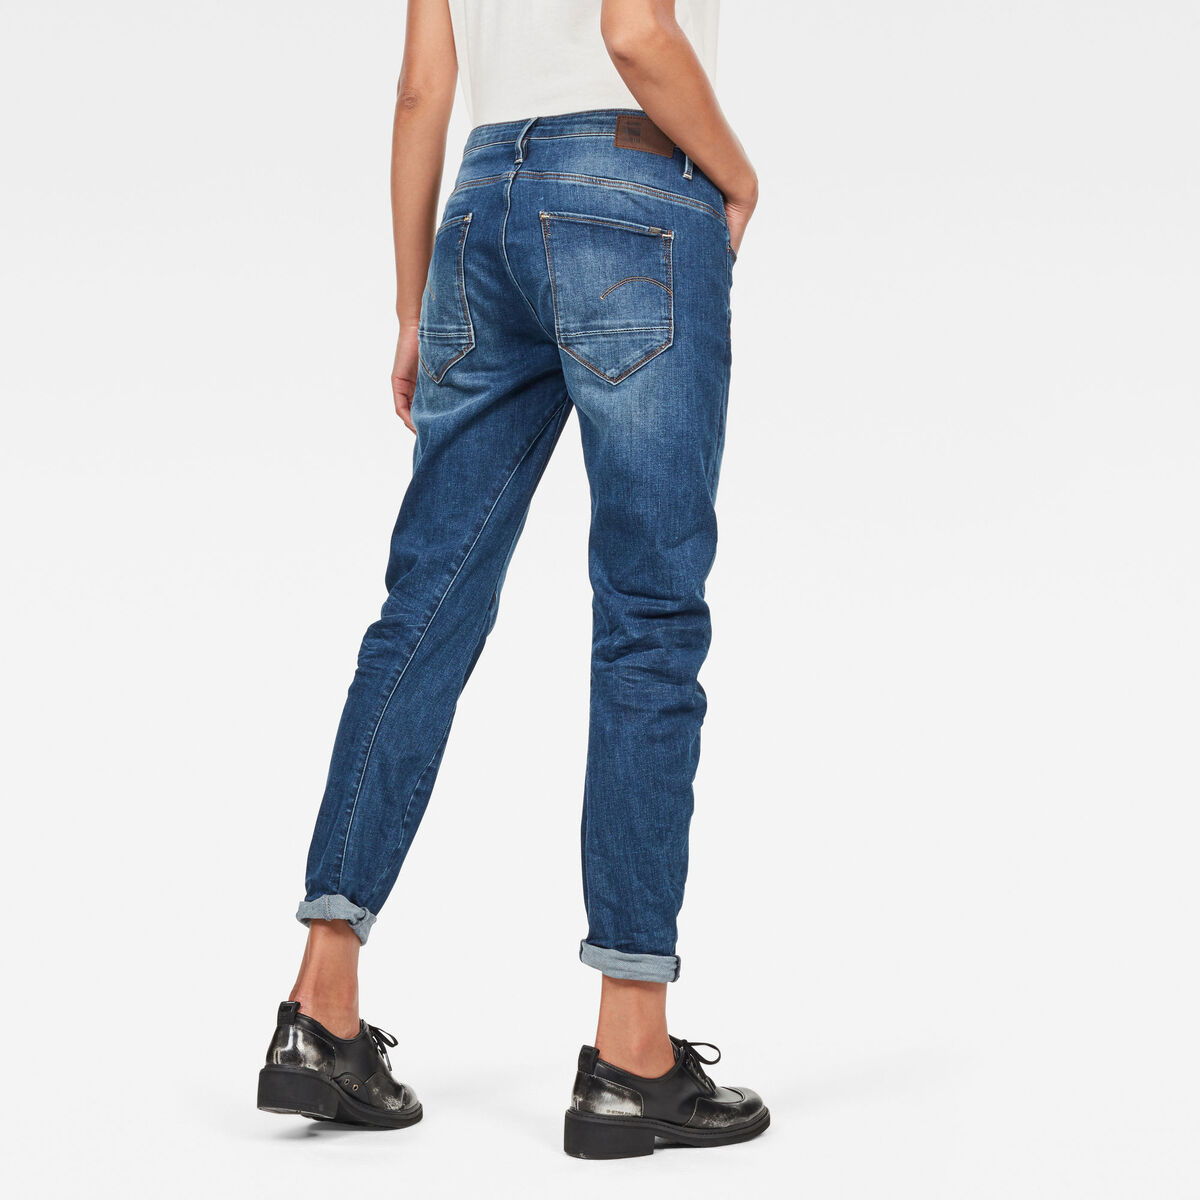 Bild 2 von Arc 3D Low Waist Boyfriend Jeans